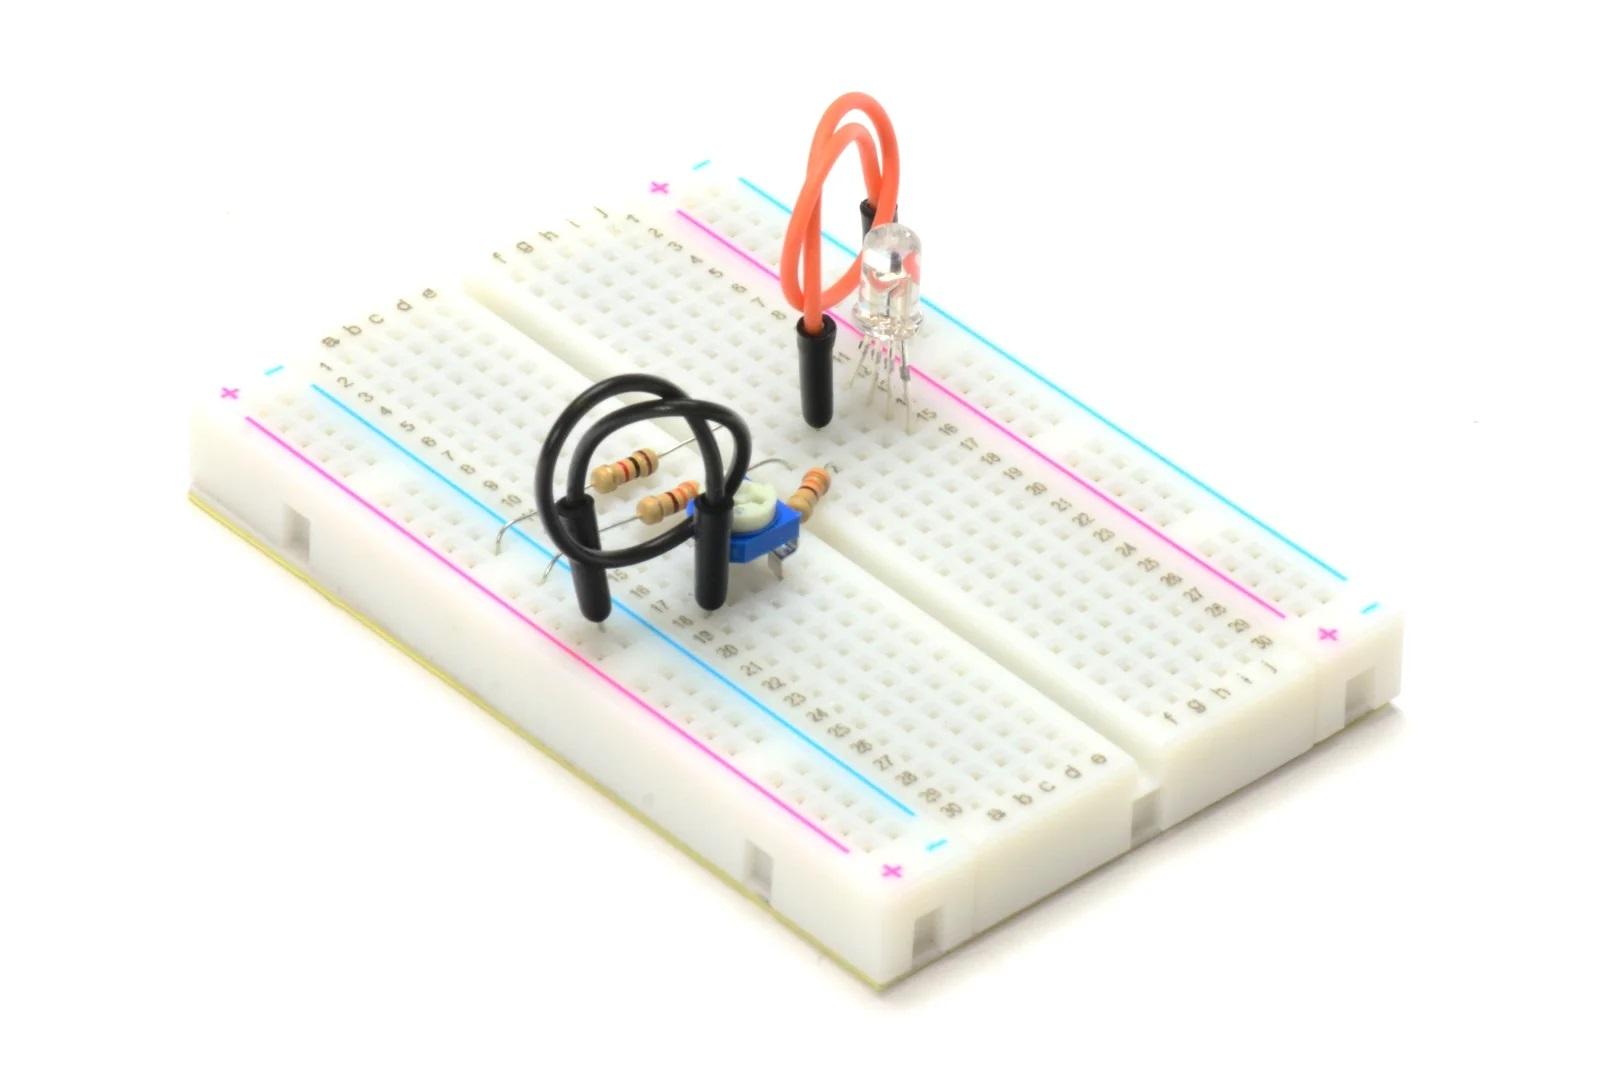 Пример реализации схемы с RGB-диодом и потенциометром